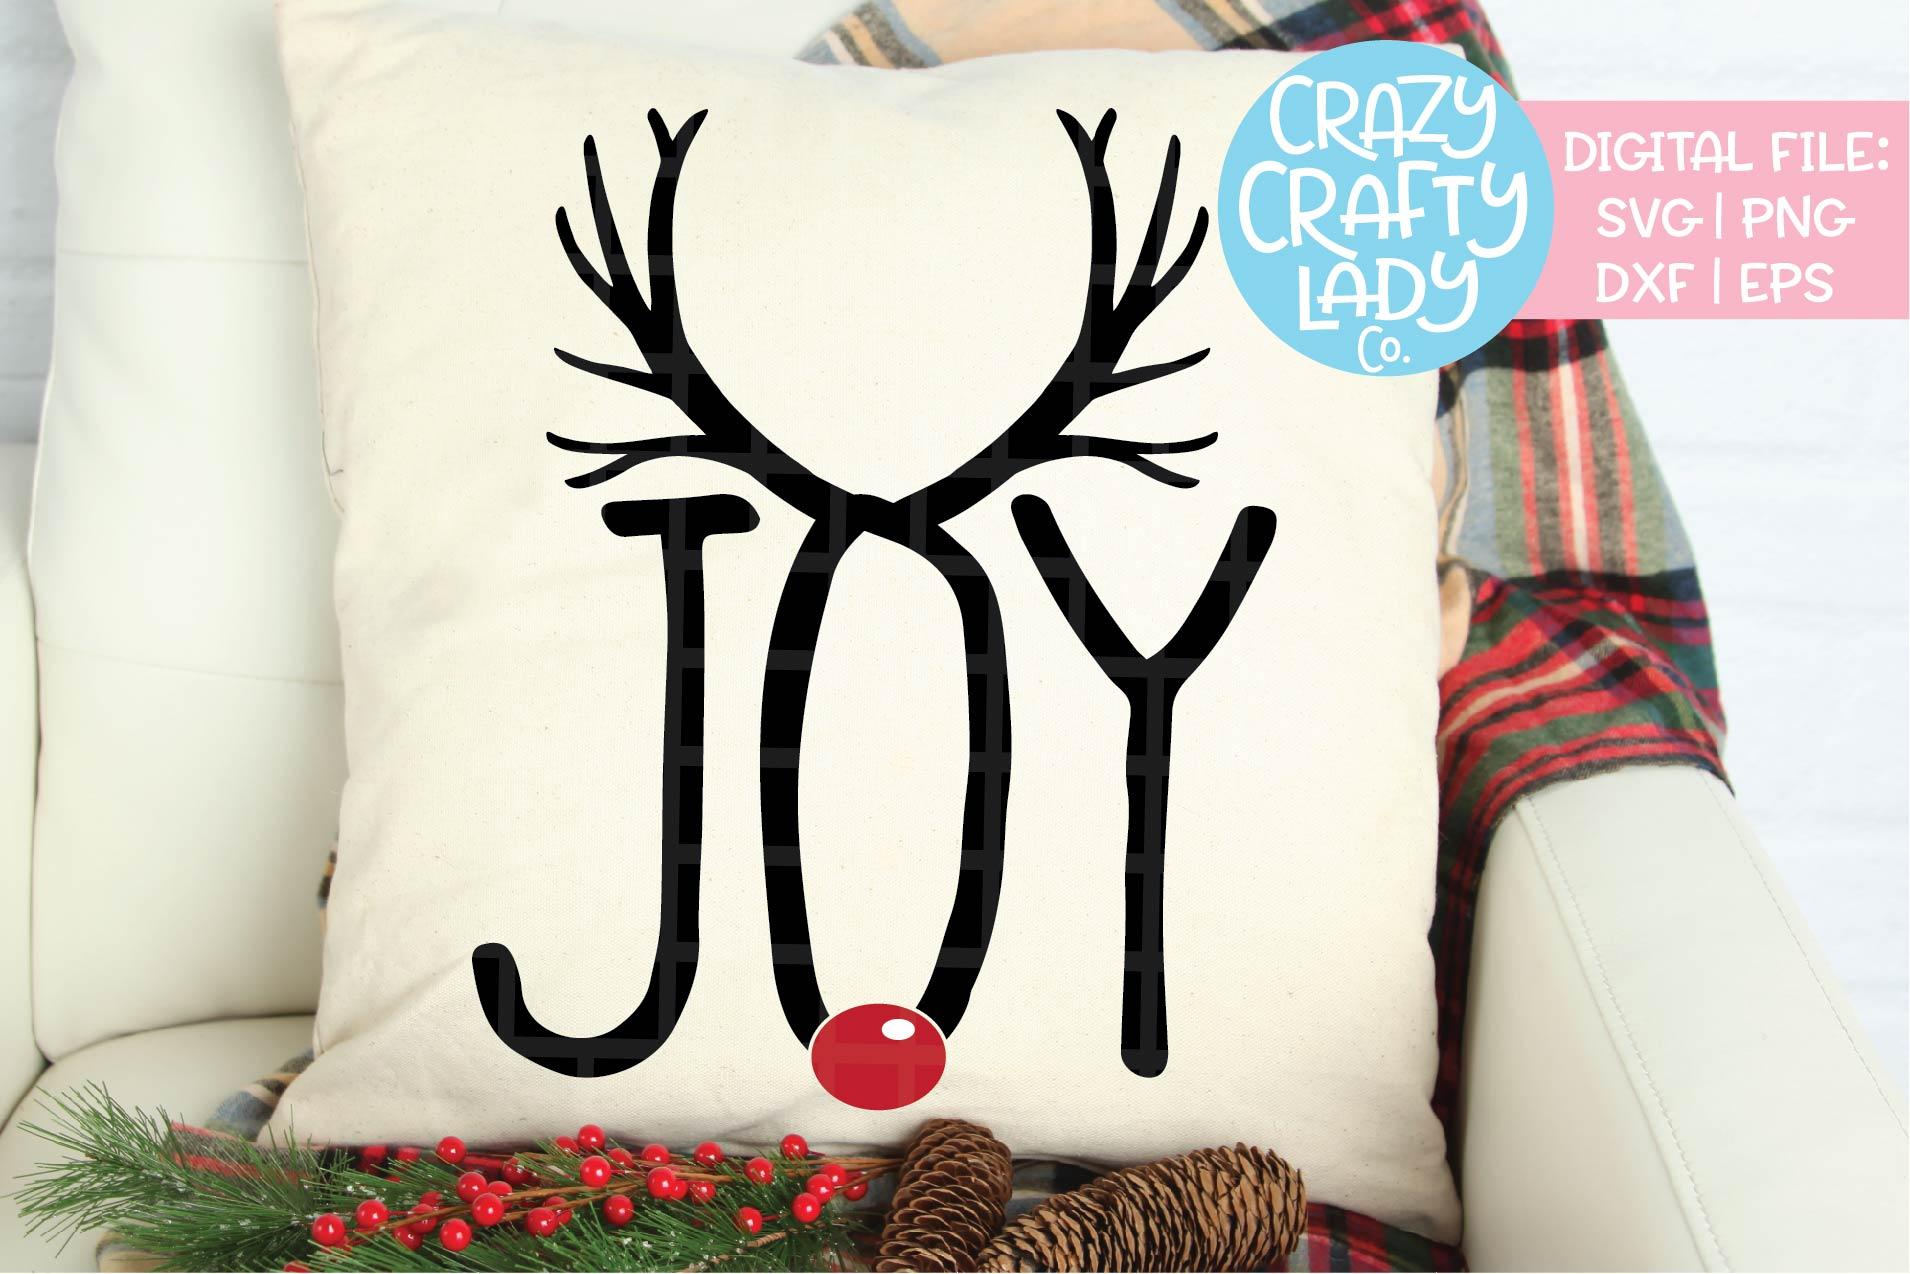 Joy Reindeer SVG DXF EPS PNG Cut File example image 1